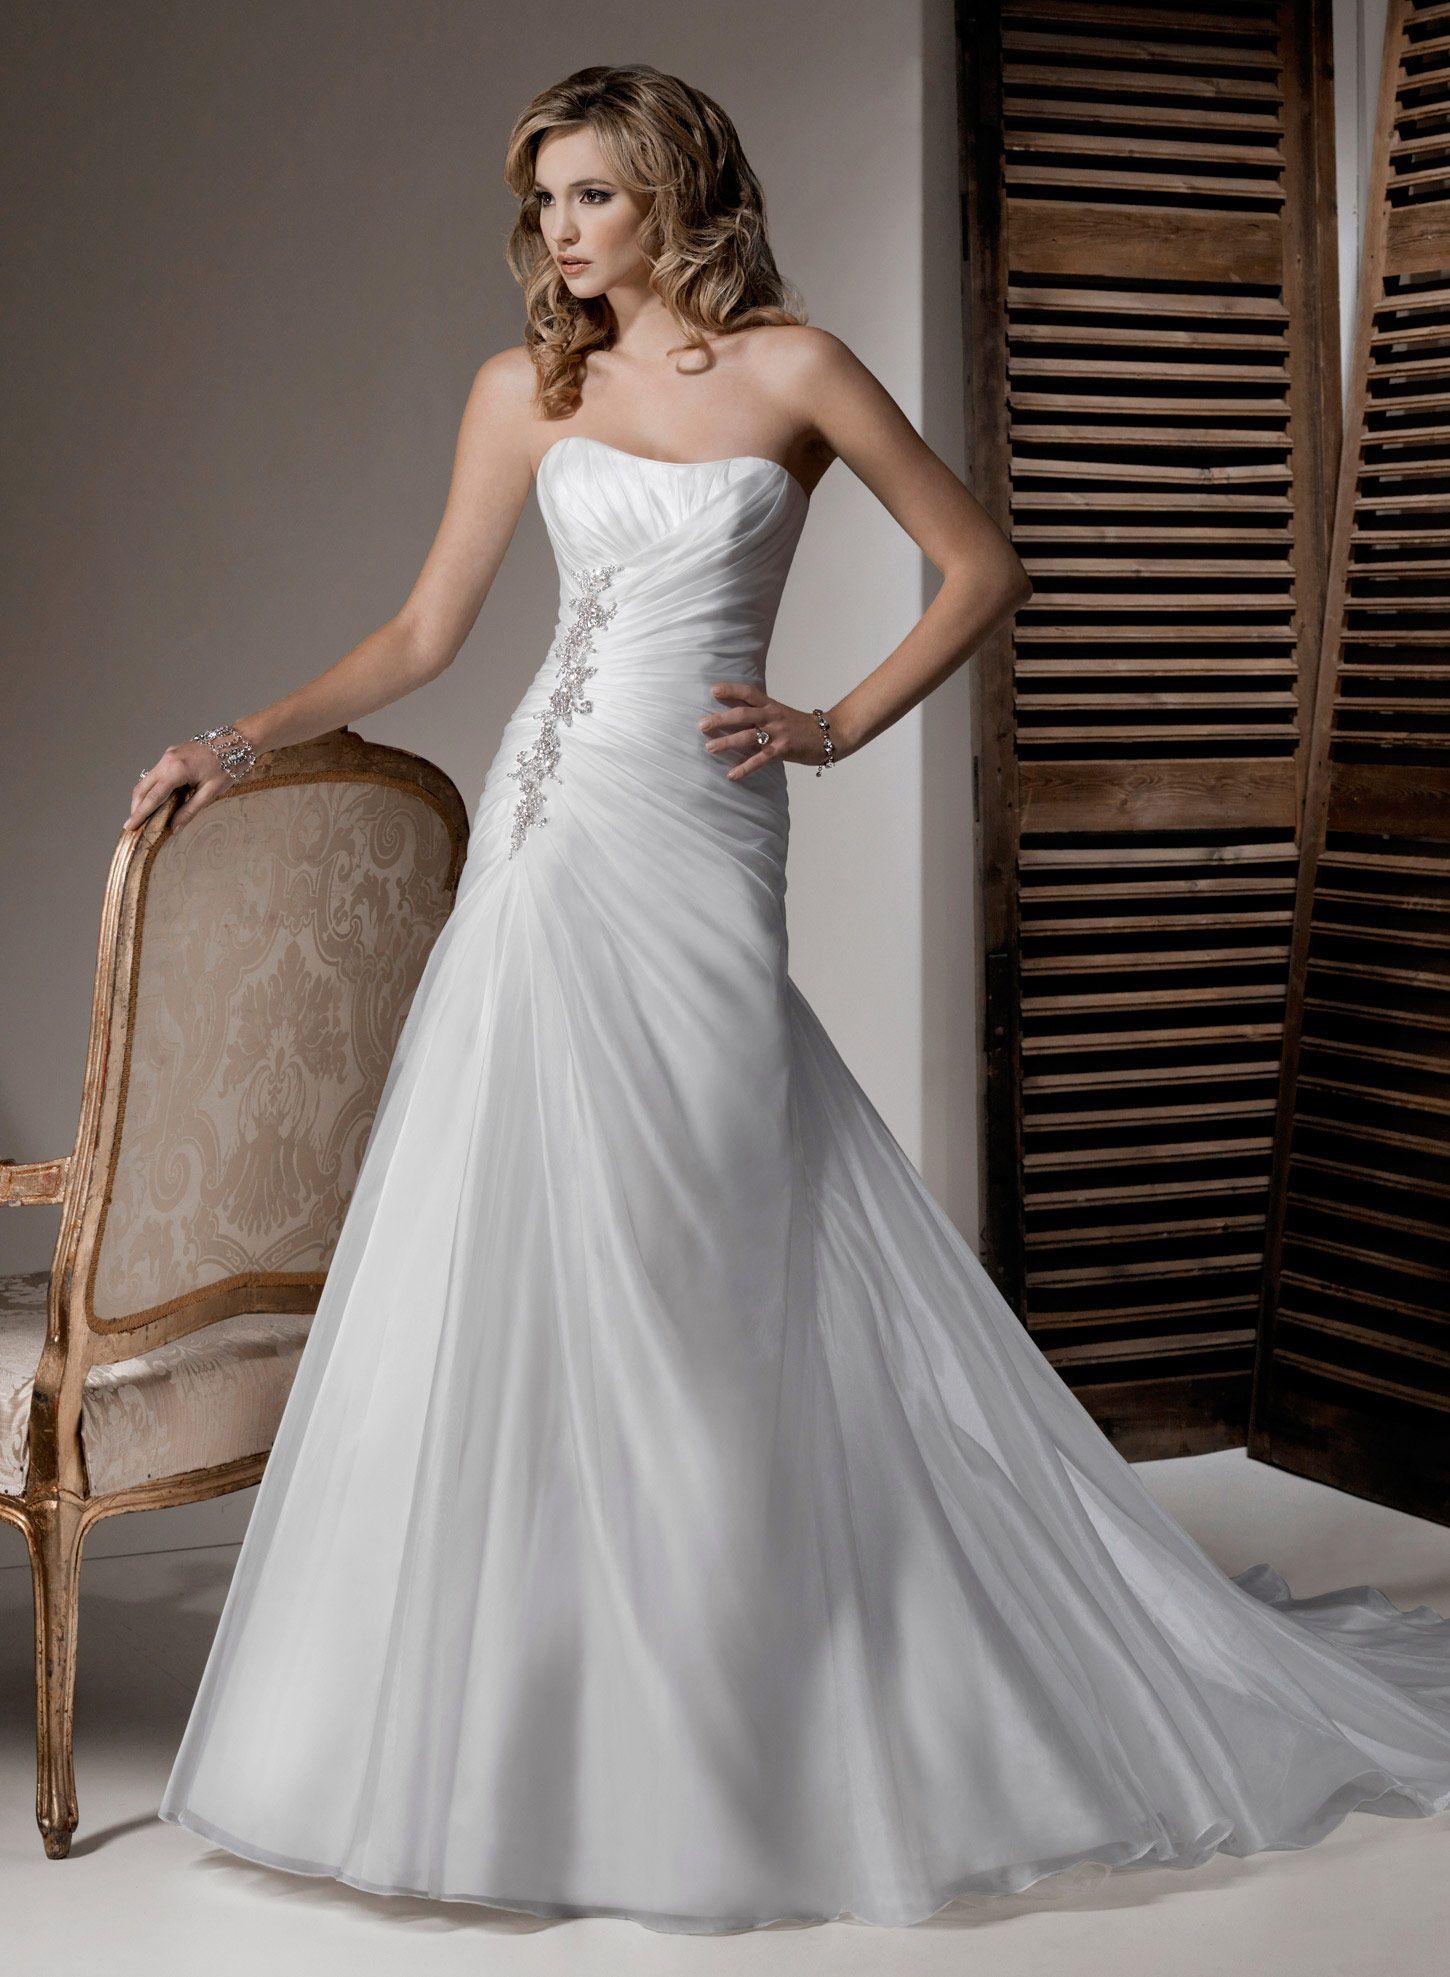 Maggie Sottero Wedding Dresses | Wedding | Pinterest | Maggie ...